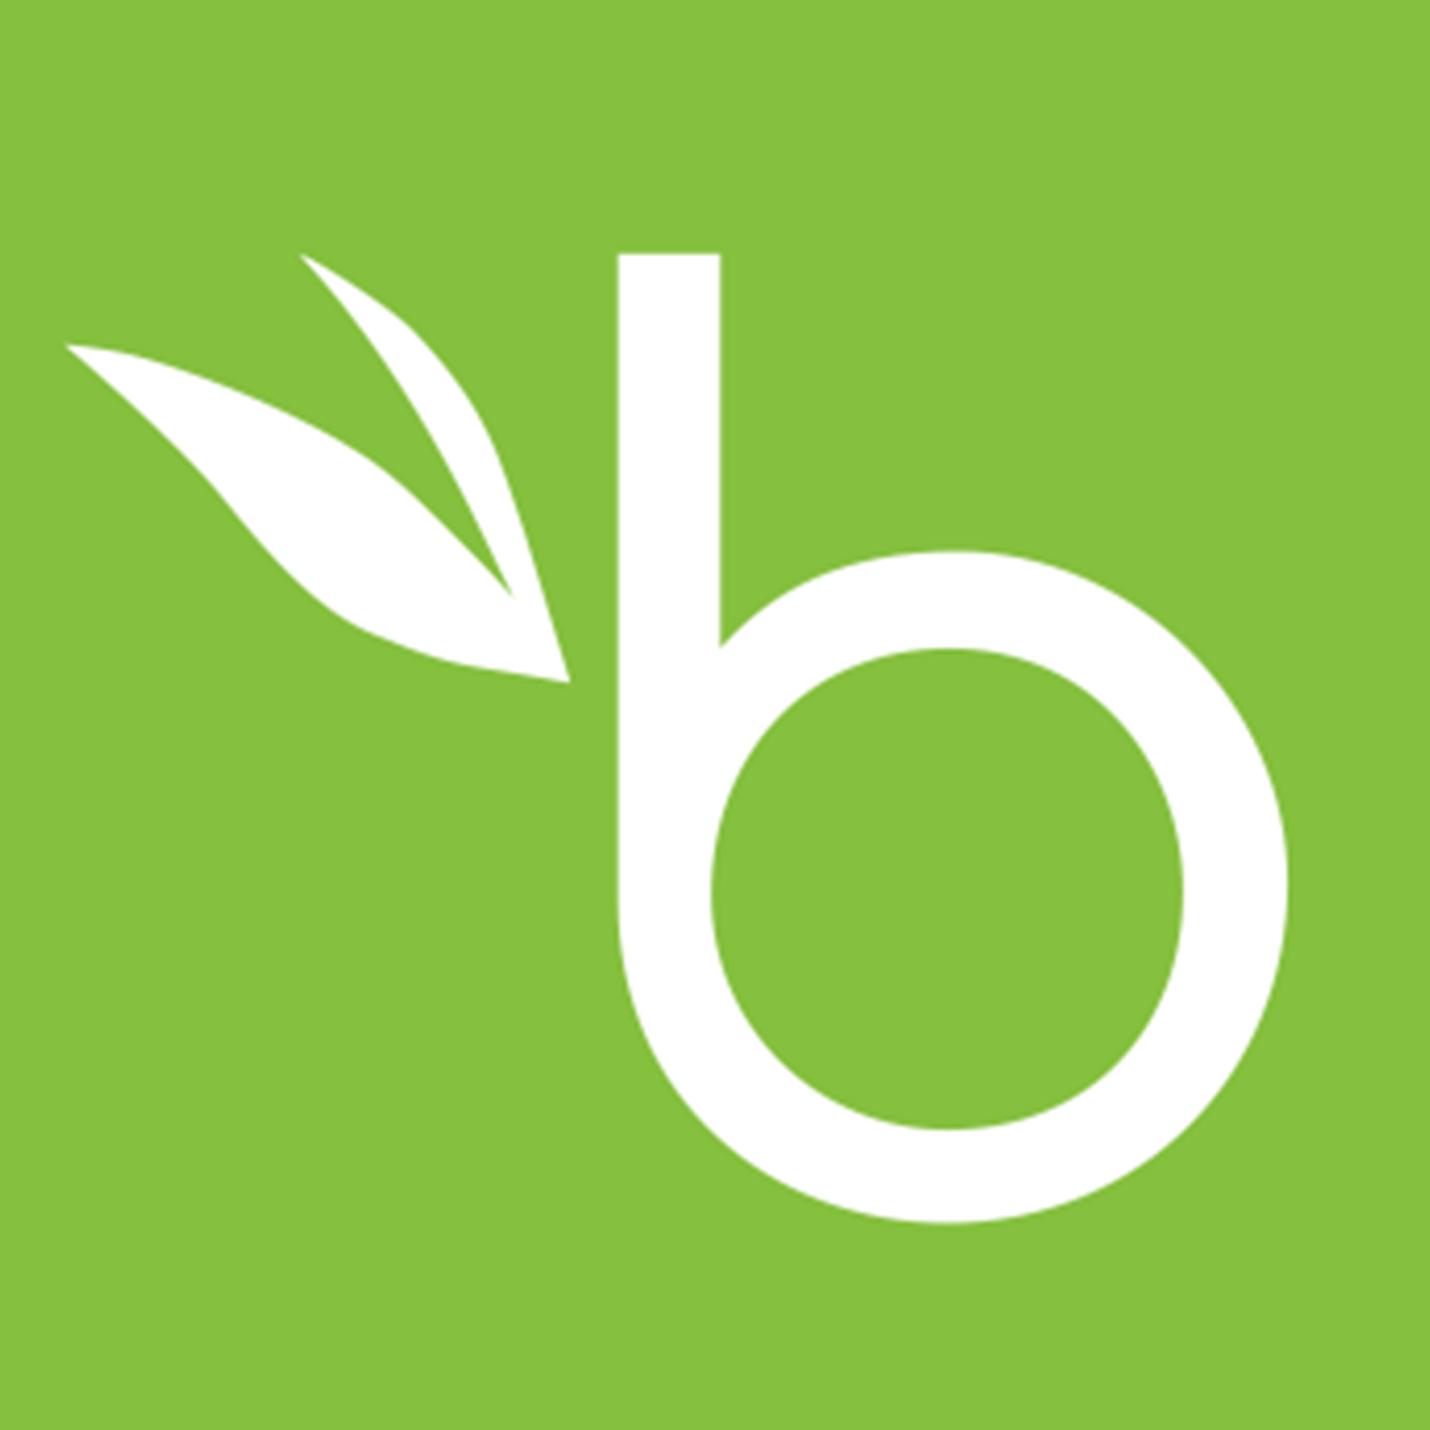 Логотип BambooHR